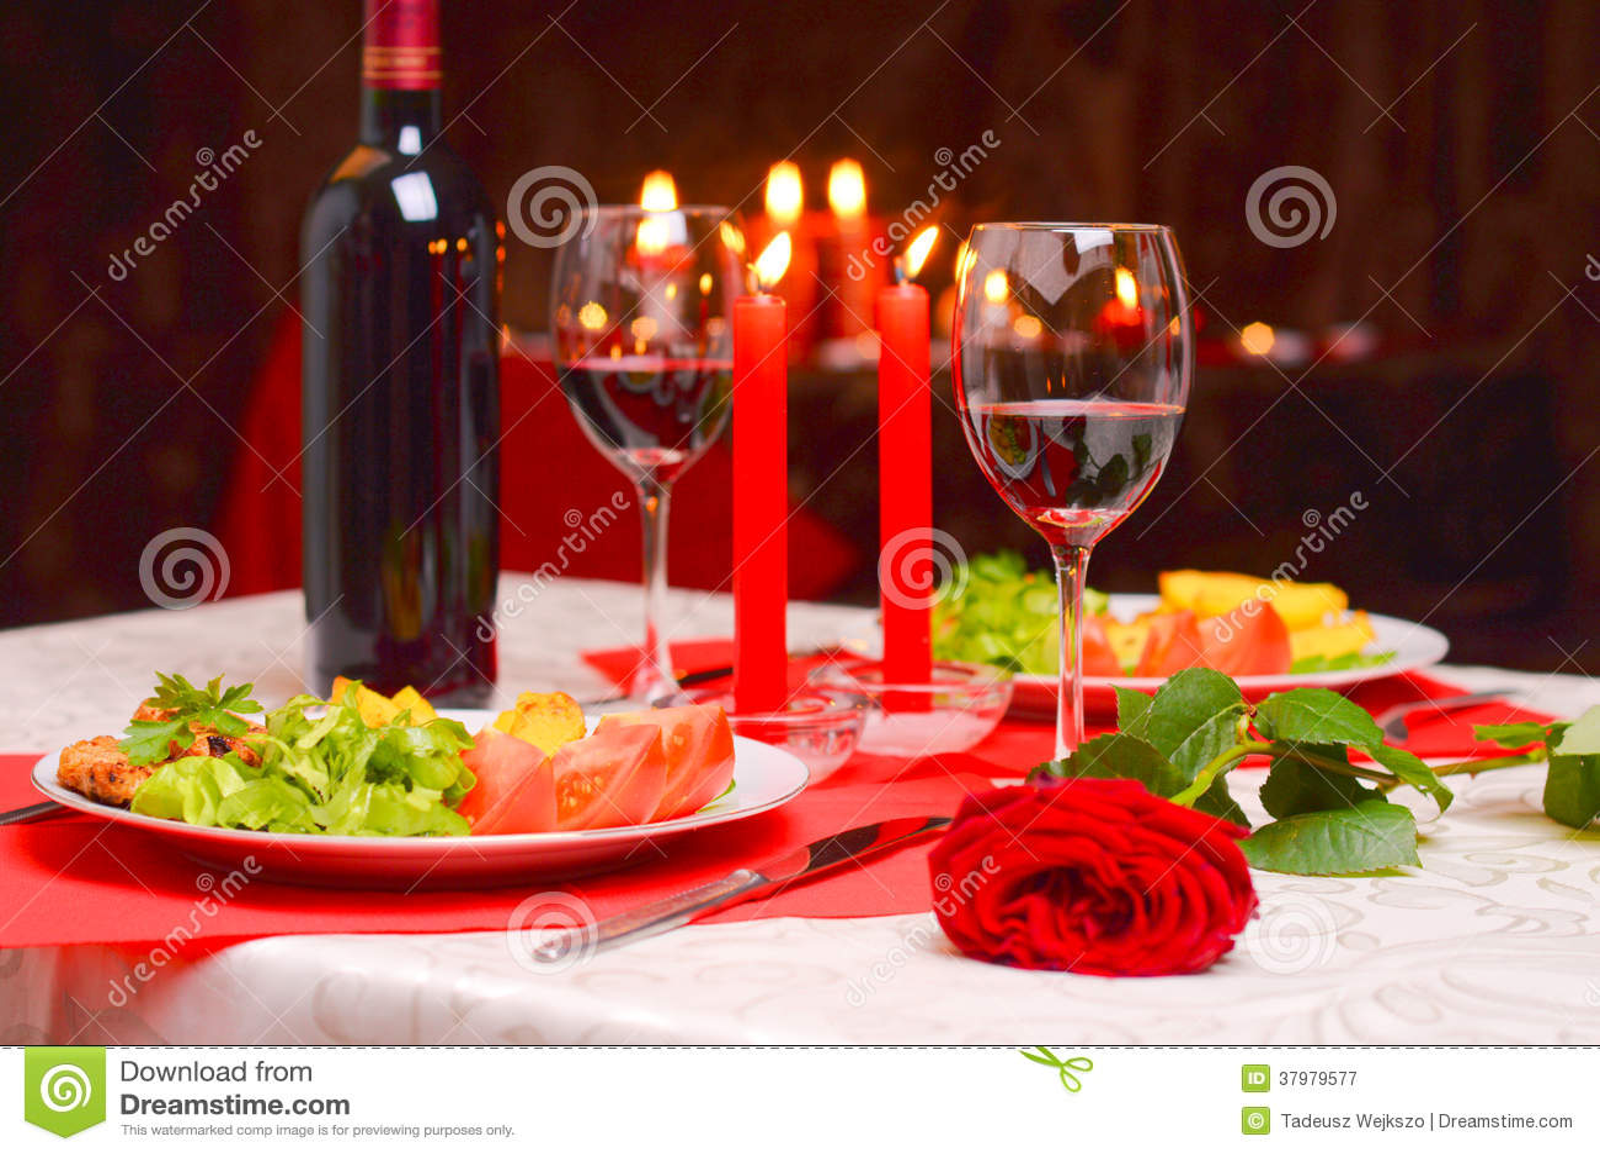 Cena rom ntica con las velas fotograf a de archivo libre de regal as imagen 37979577 - Cena romantica con velas ...